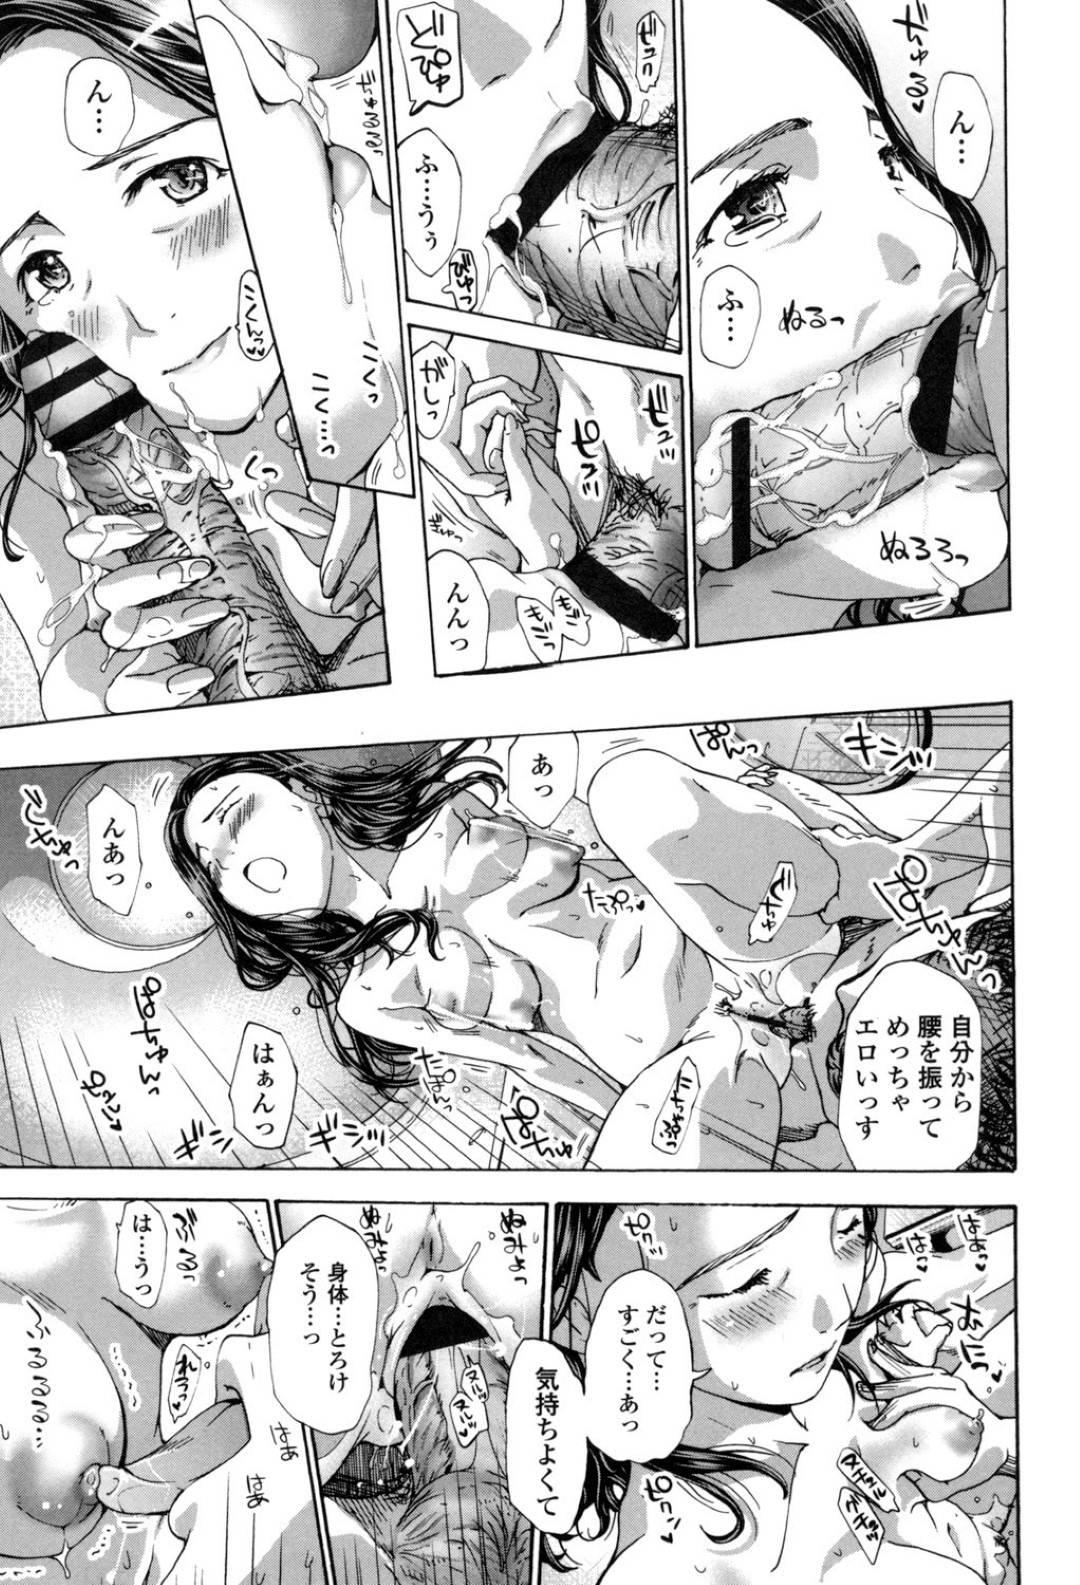 【エロ漫画】息子の友達に本気で好かれるエロベビードール姿の人妻…発情したチンポを即挿れられるも噛み付いて断りその後も何度もカラダを弄られ拒まめず快楽に溺れていく【あさぎ龍:息子の友達】